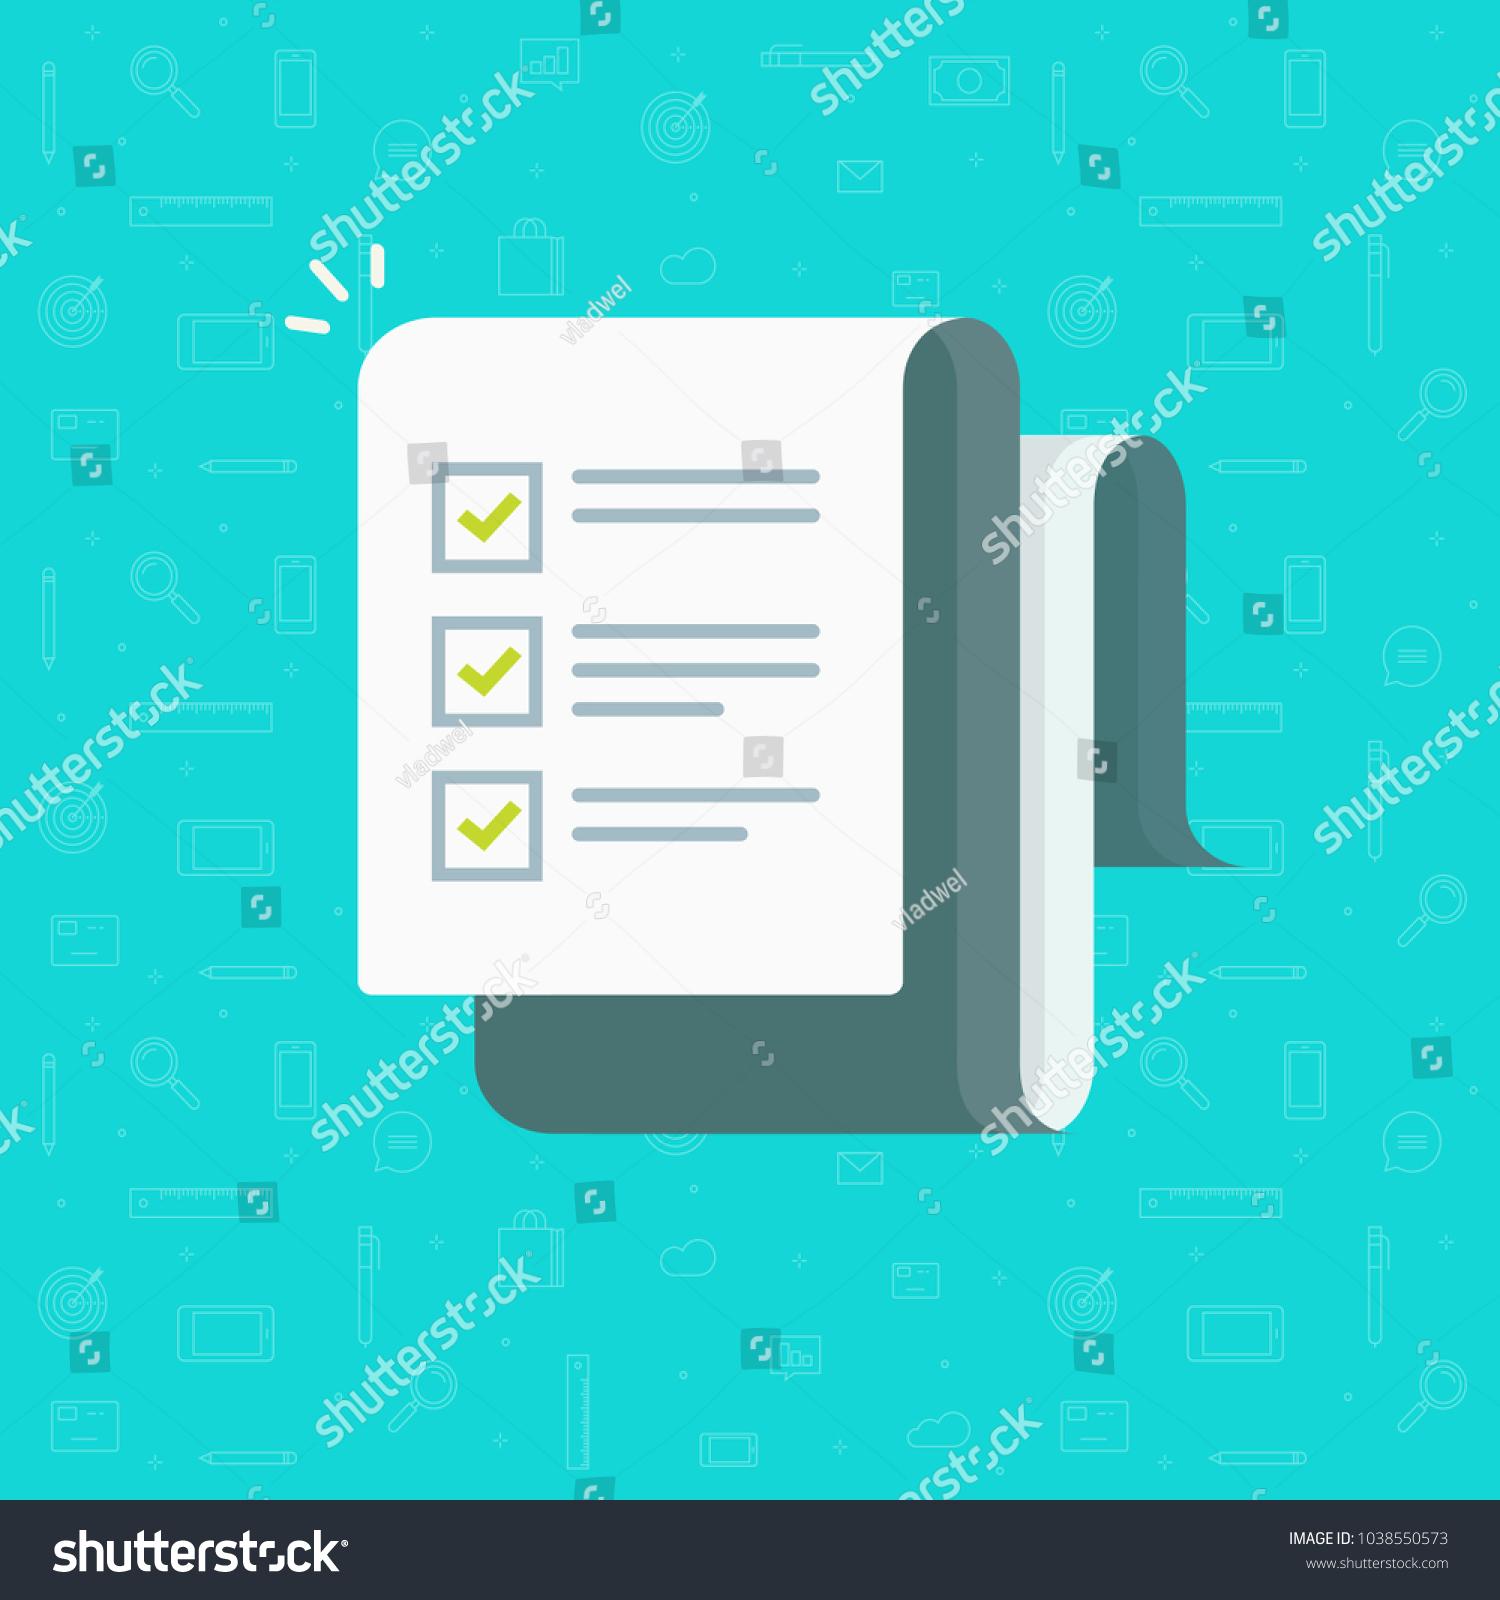 vetor stock de checklist vector illustration flat cartoon paper